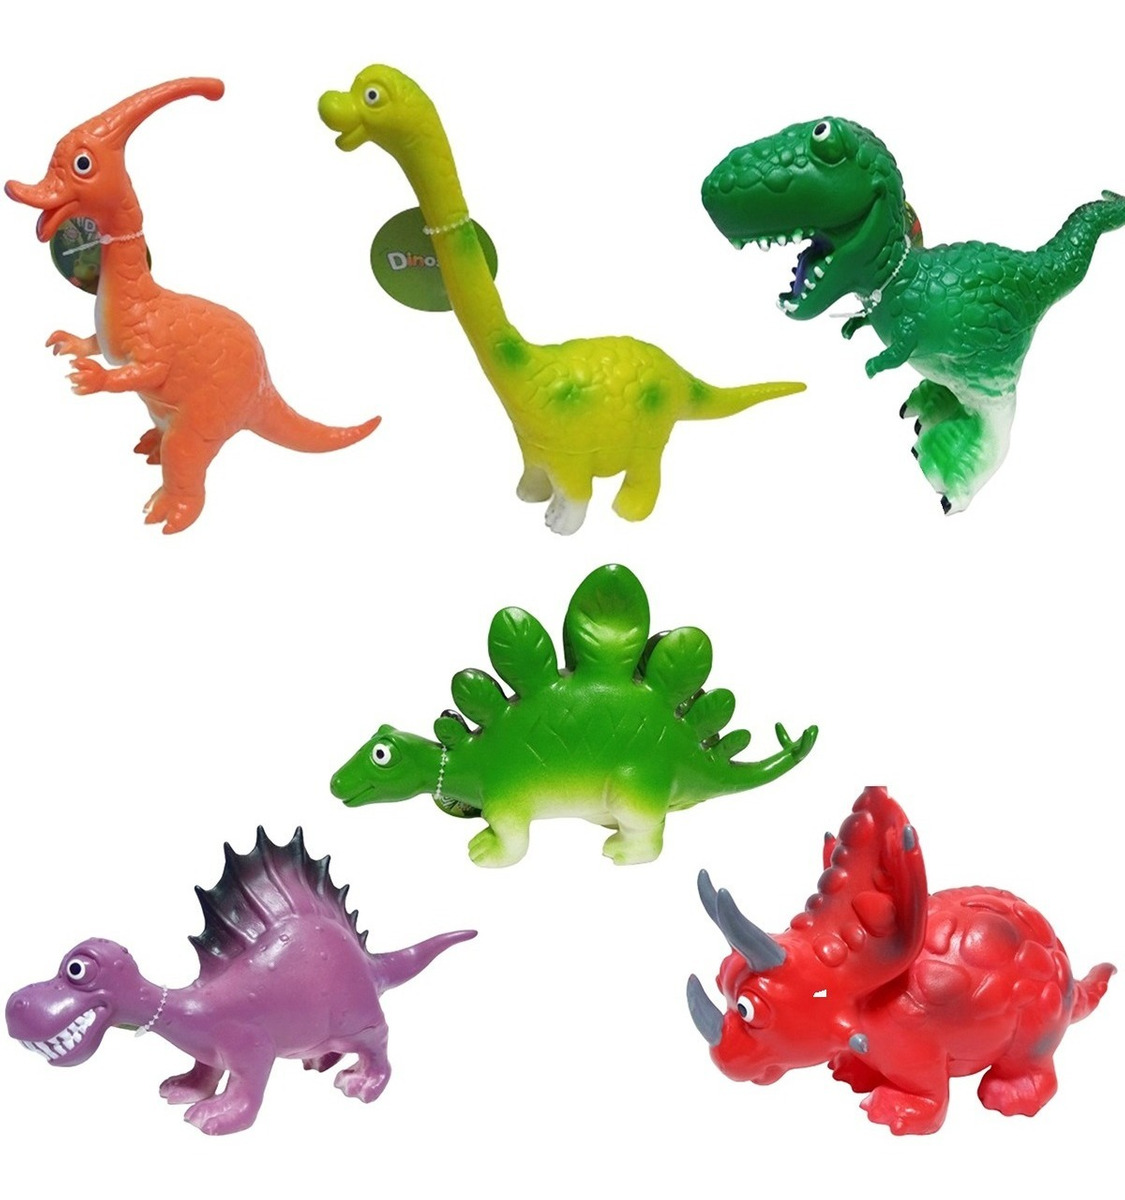 Dinosaurios De Juguete De Goma Tienda Online De Zapatos Ropa Y Complementos De Marca Ahora sólo tienes que ver el que más se ajuste a tus necesidades y. dinosaurios de juguete de goma